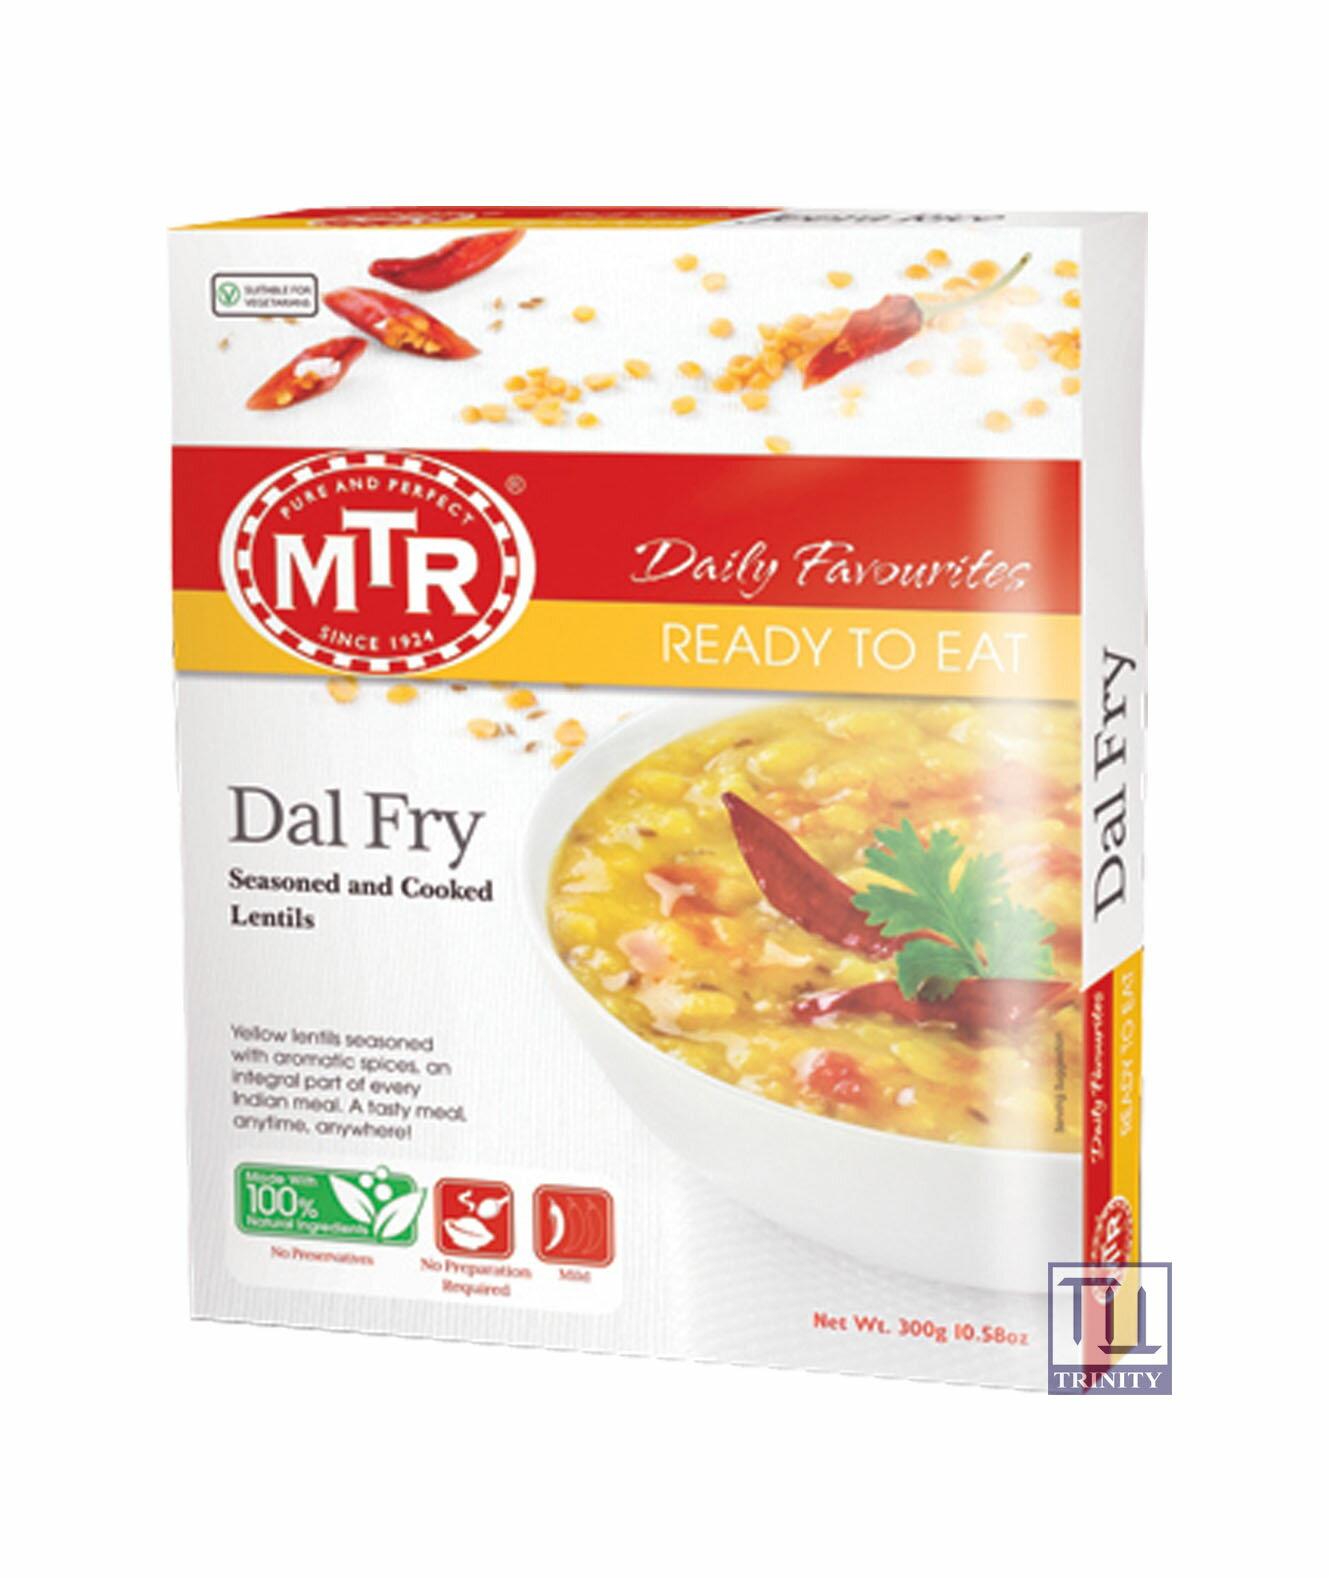 Mtr Dal Fry 印度綠豆仁咖哩即食調理包